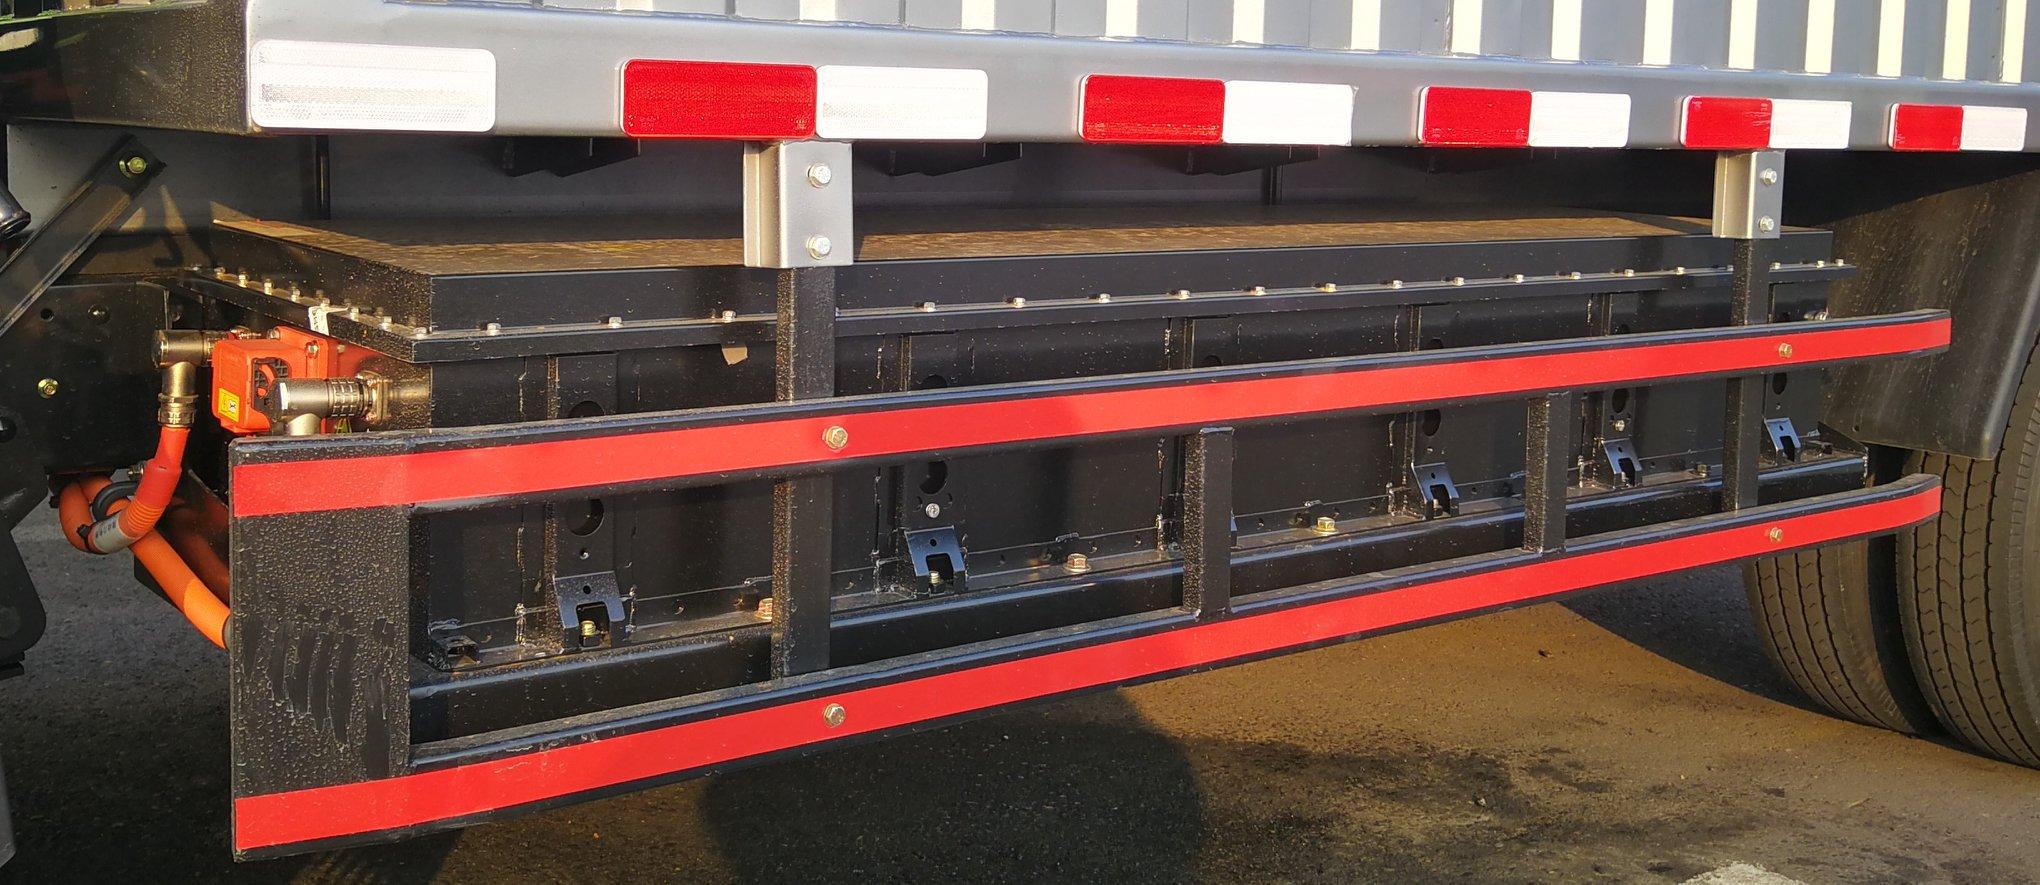 Cnj-elektrische-vrachtwagens-van-39-kwh-tot-93-kwh-met-lading-van-2-5-ton-tot-8-ton-4